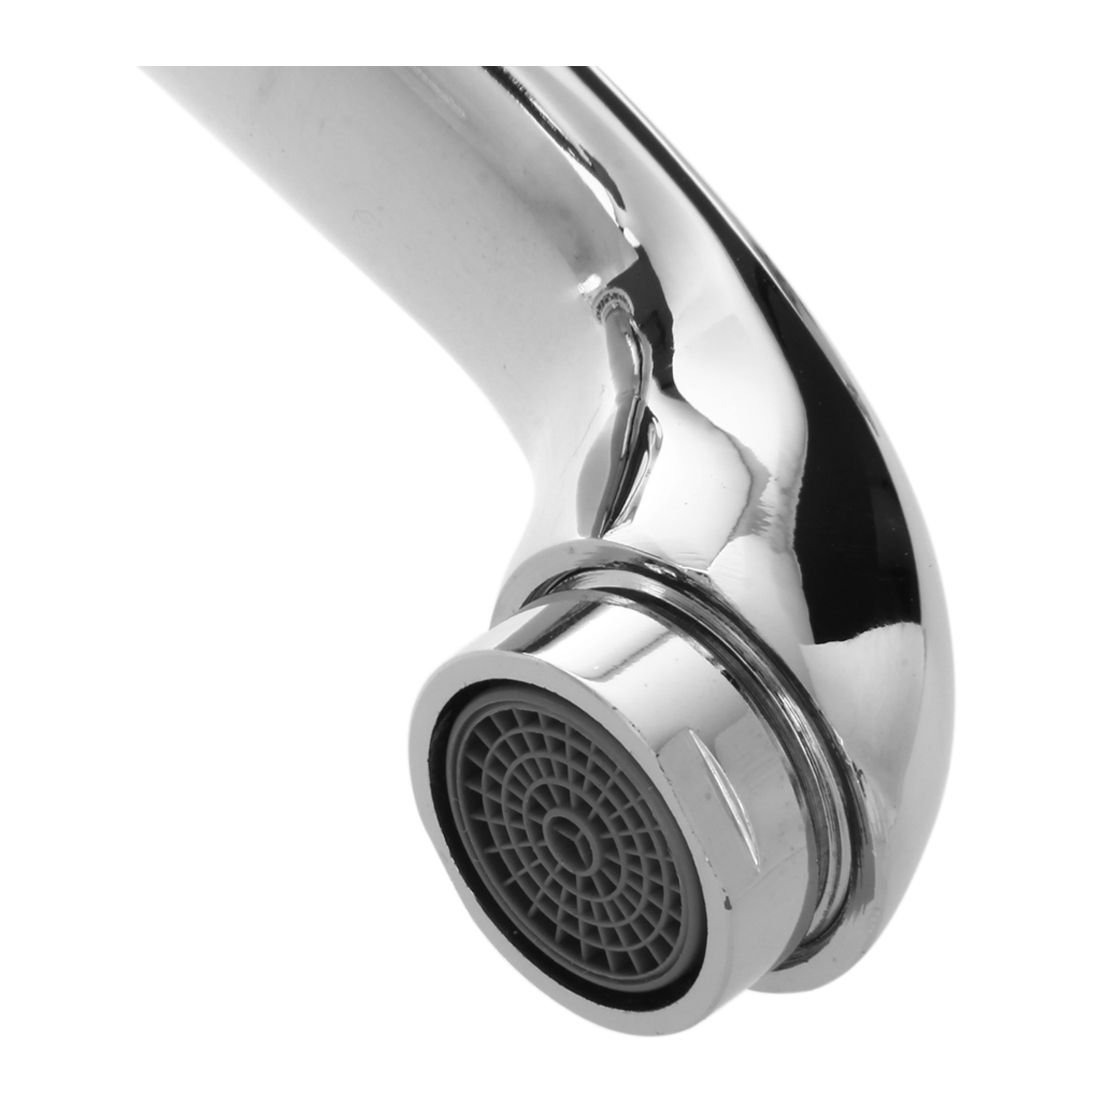 Retro Robinet de Lavabo TOOGOO Argent chrome Retro Mitigeur Robinet de Lavabo en Laiton /& Ceramique avec lentree deau pour Baignoire Salle de bain R